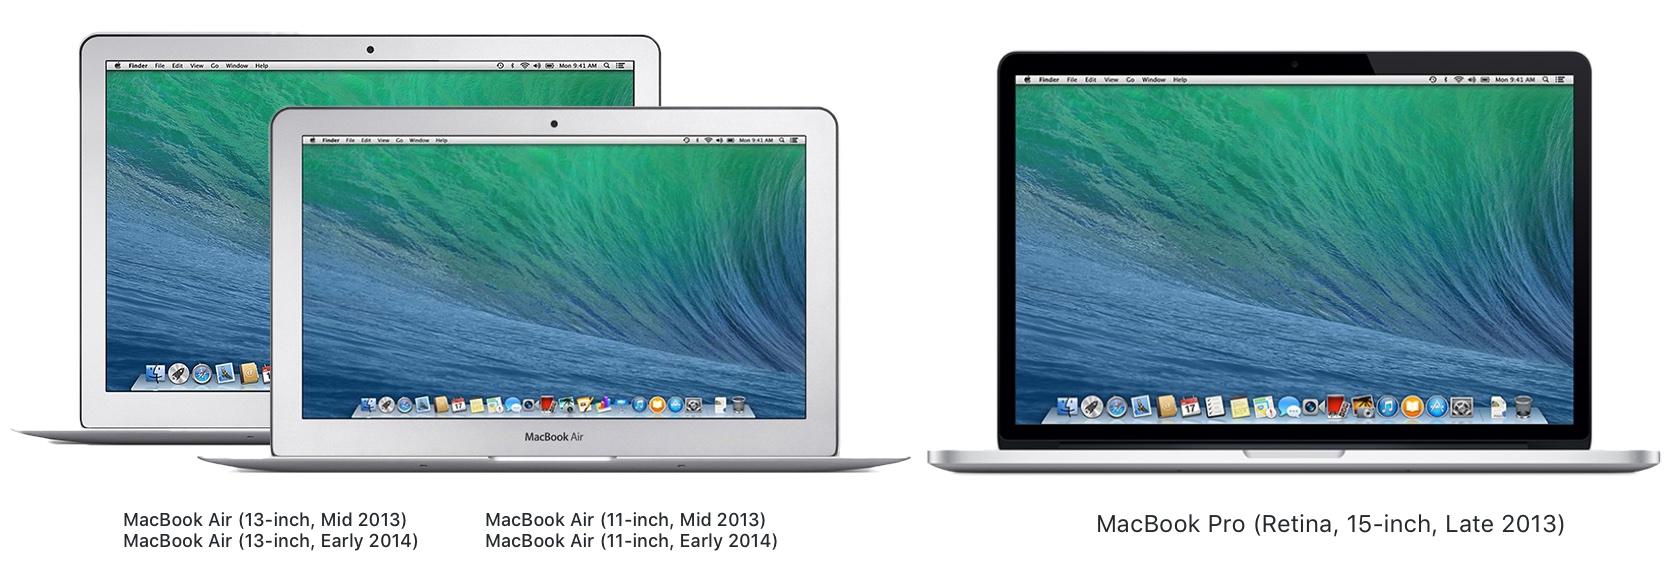 2020年04月30日にビンテージ製品に追加されたMacBook Air/Pro